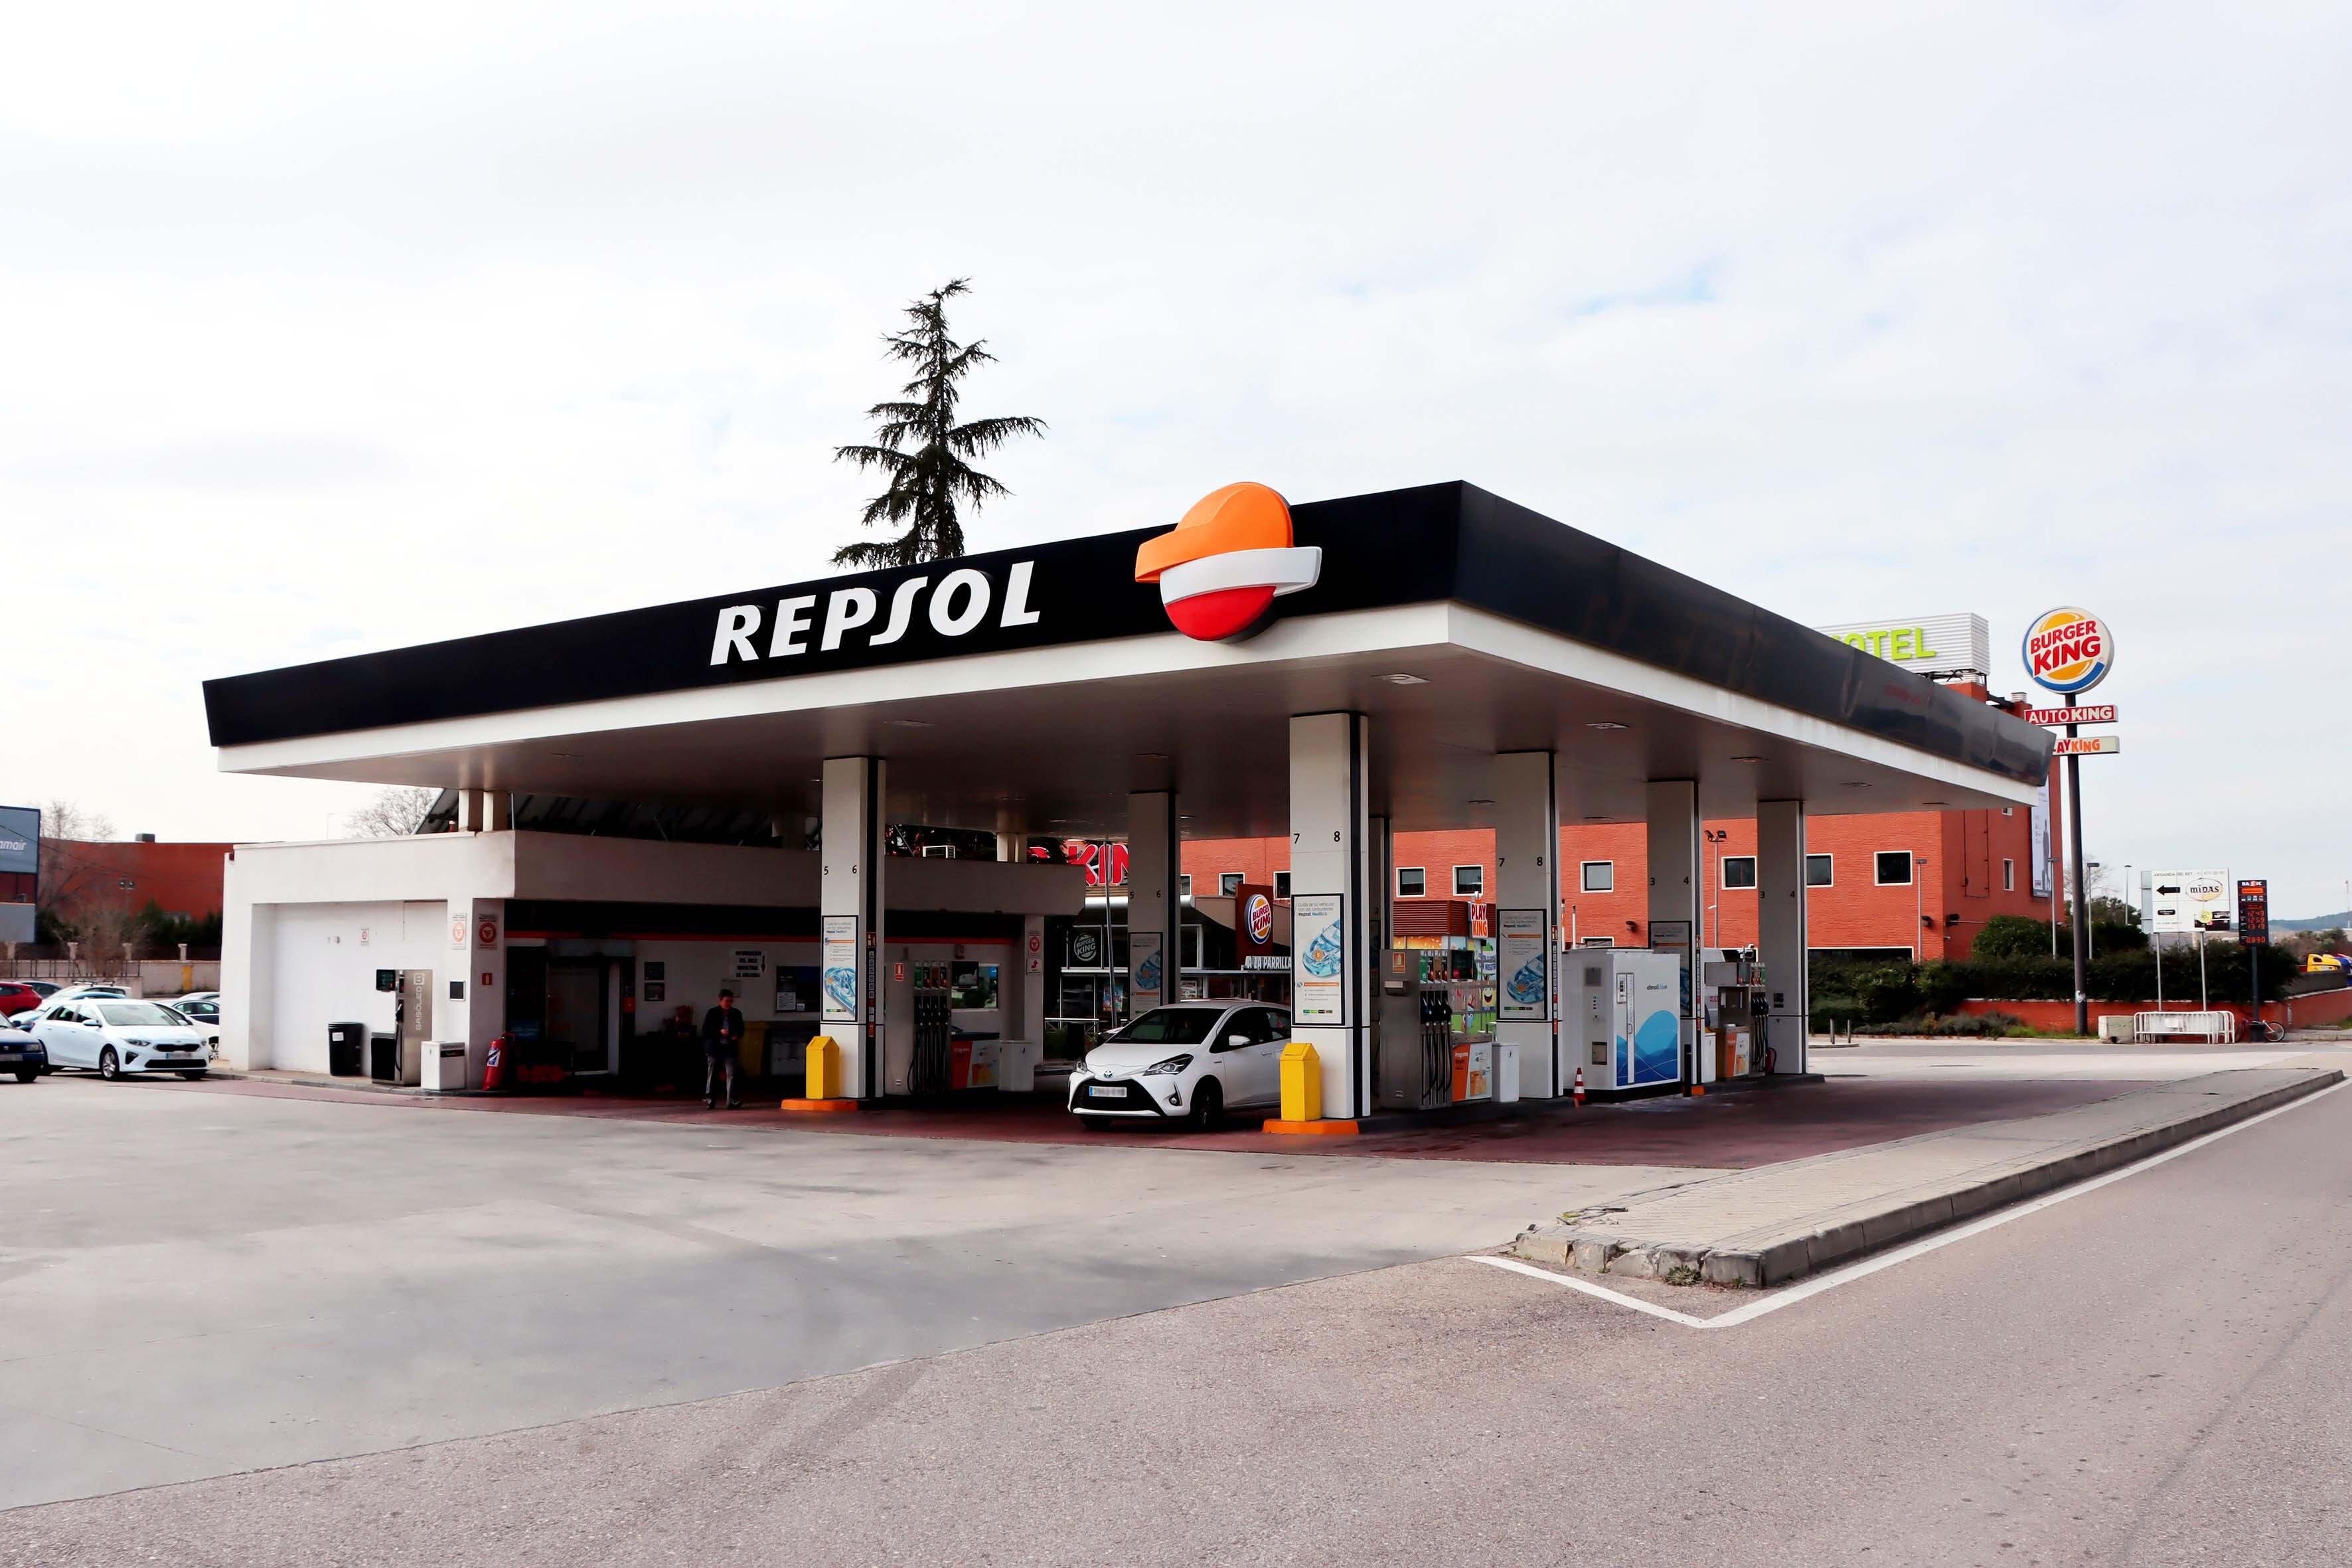 REPSOL ARGANDA DEL REY <br> MADRID